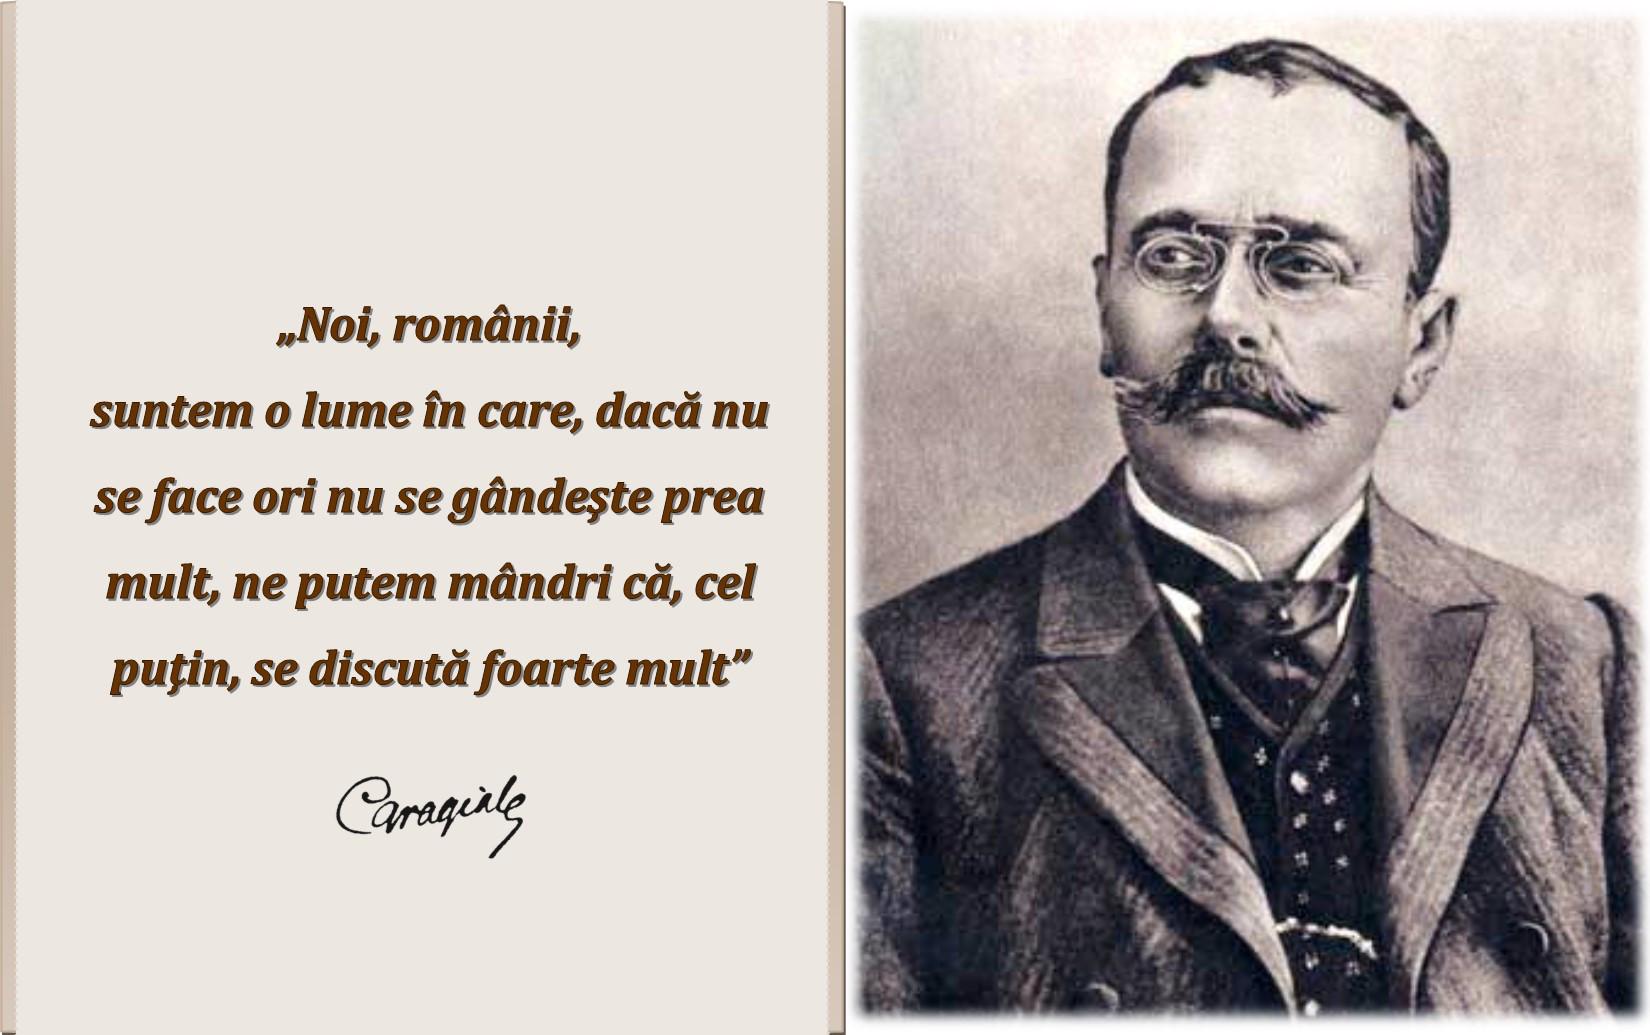 Scriitori ai literaturii române – I. L. Caragiale